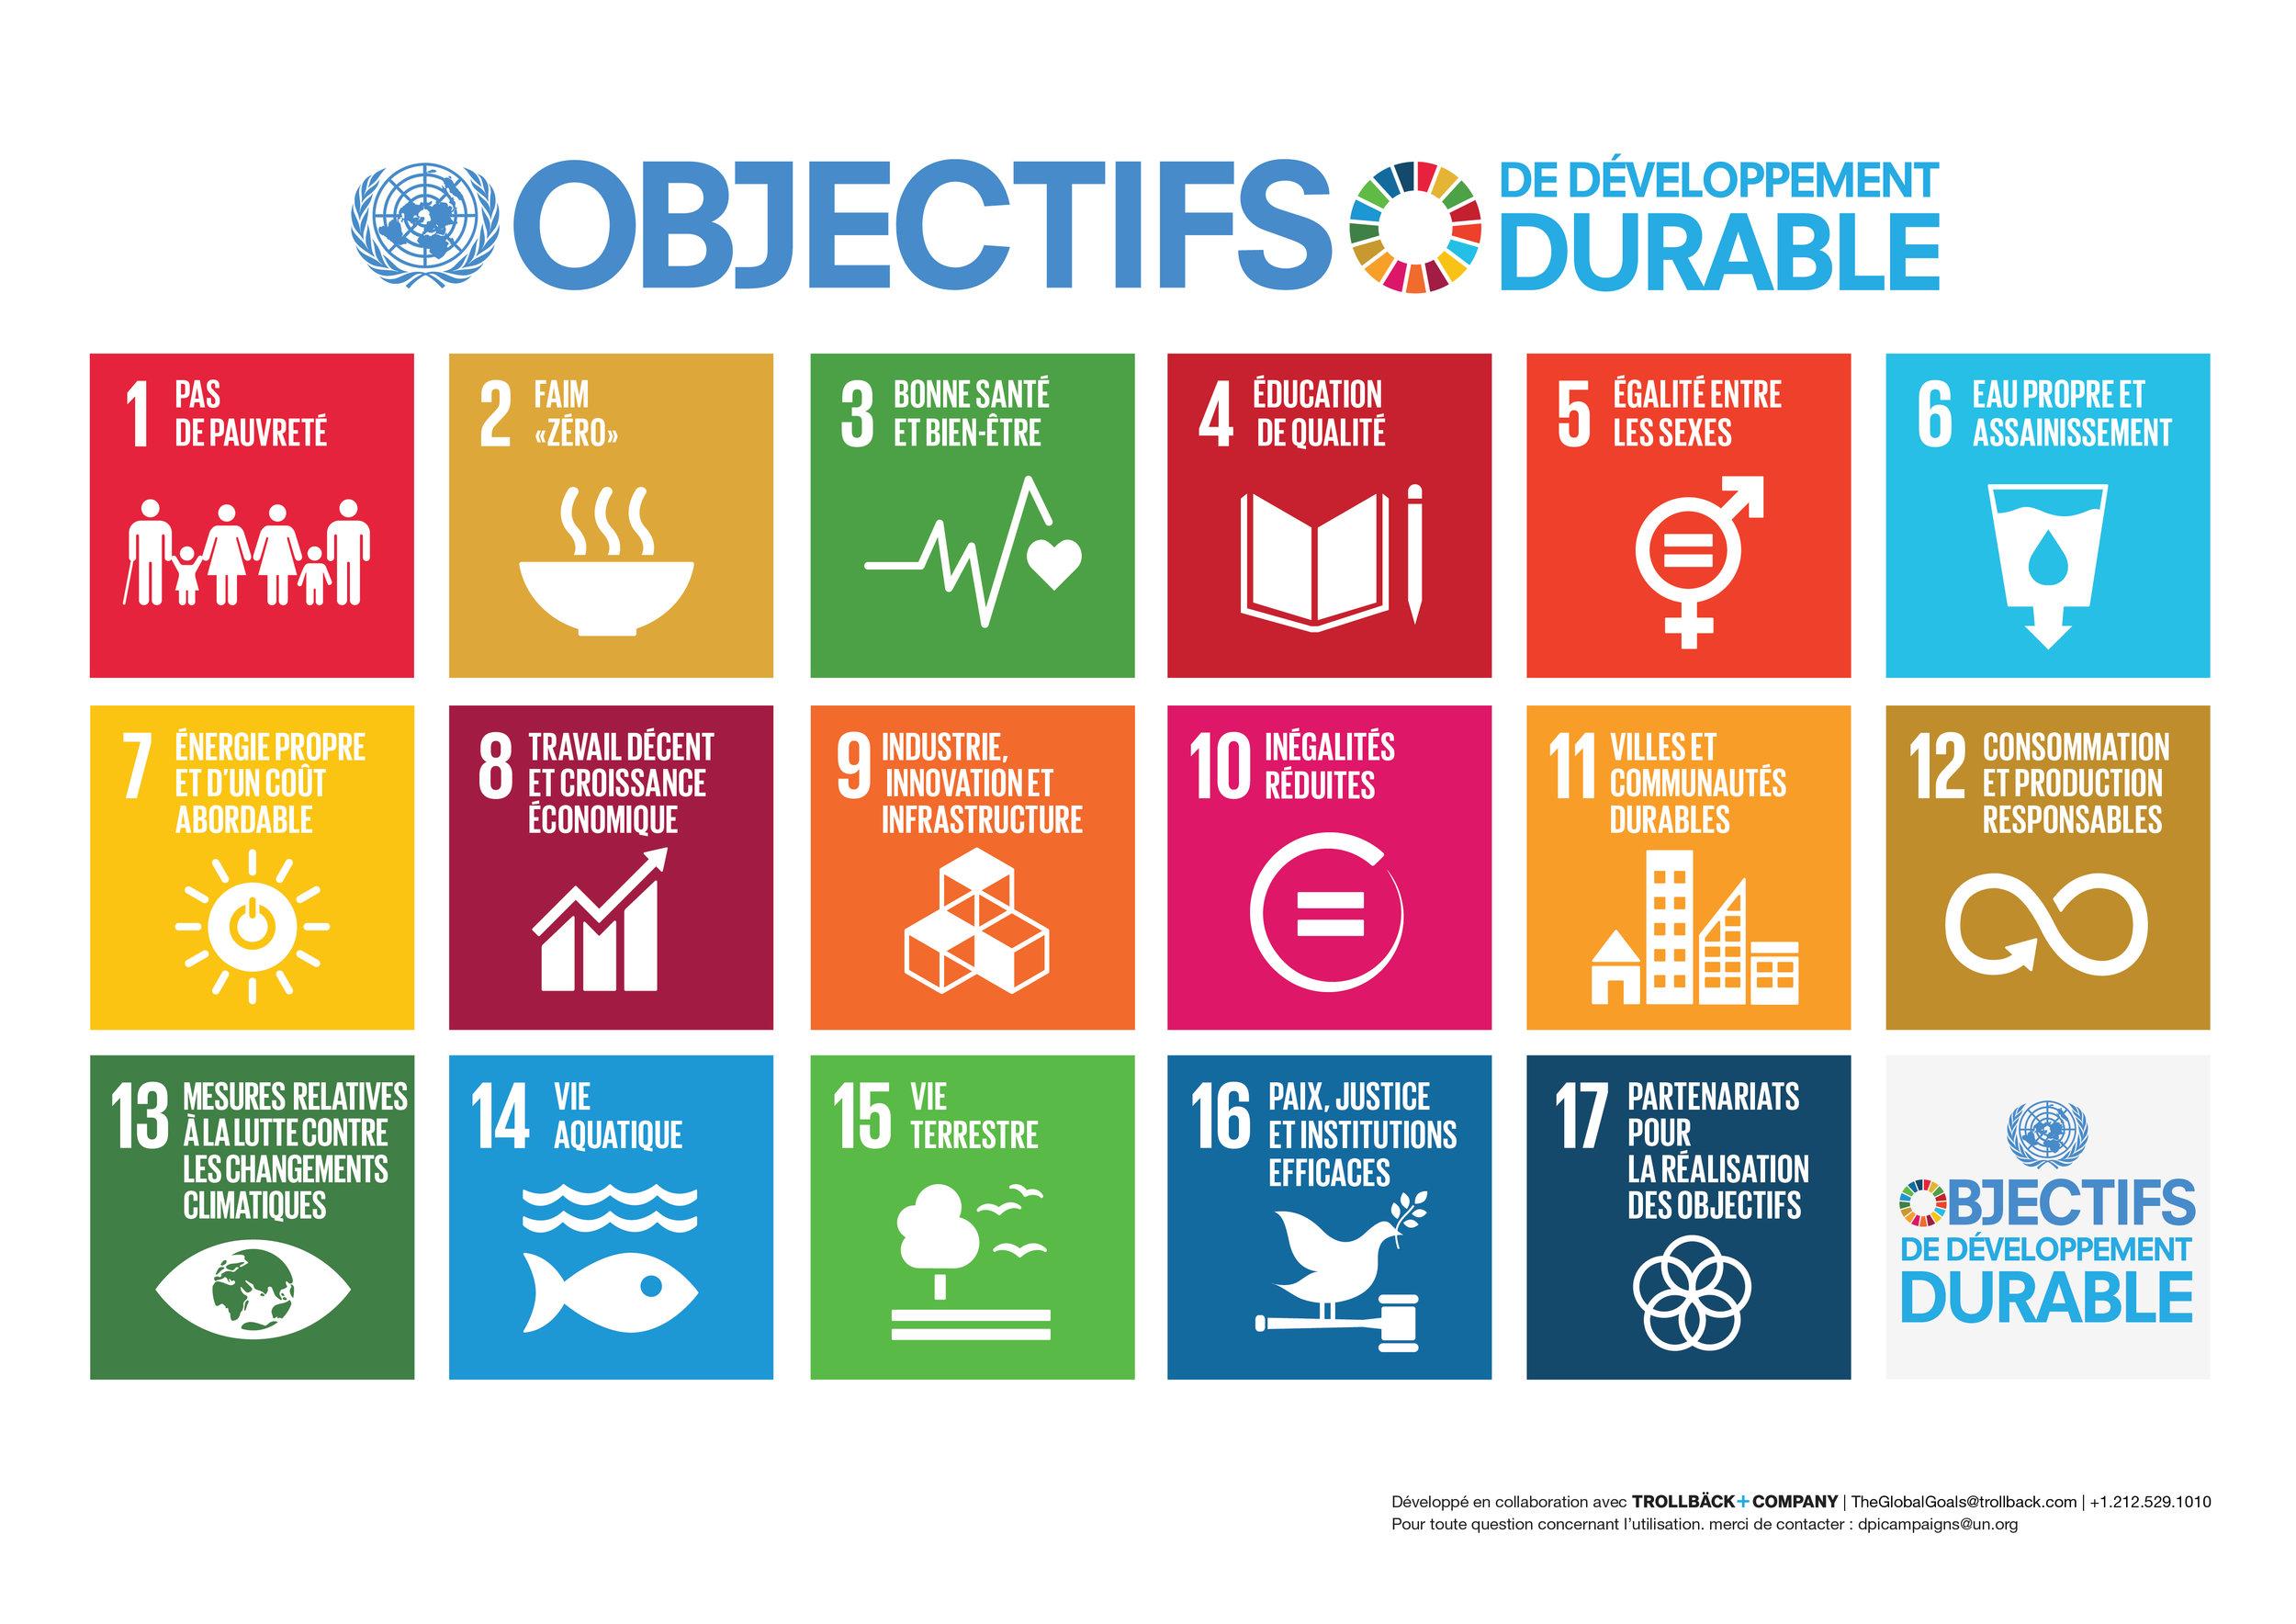 Les objectifs de développement durable de l'ONU en image